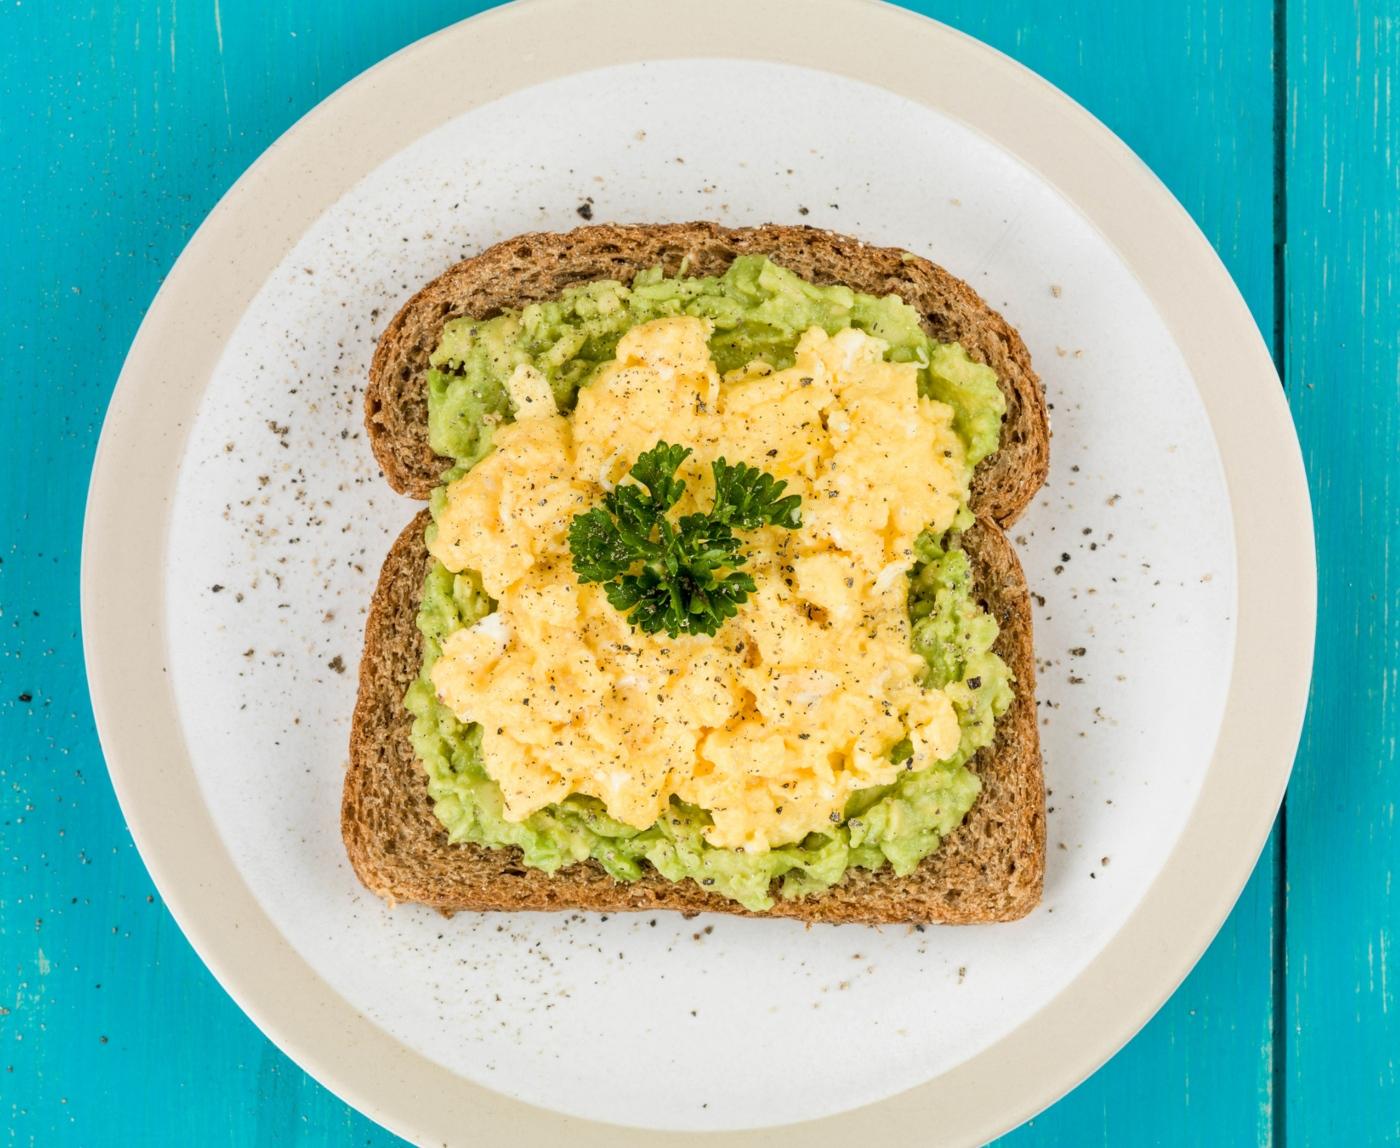 Pequenos-almoços ricos em proteína: ovos mexidos e abacate